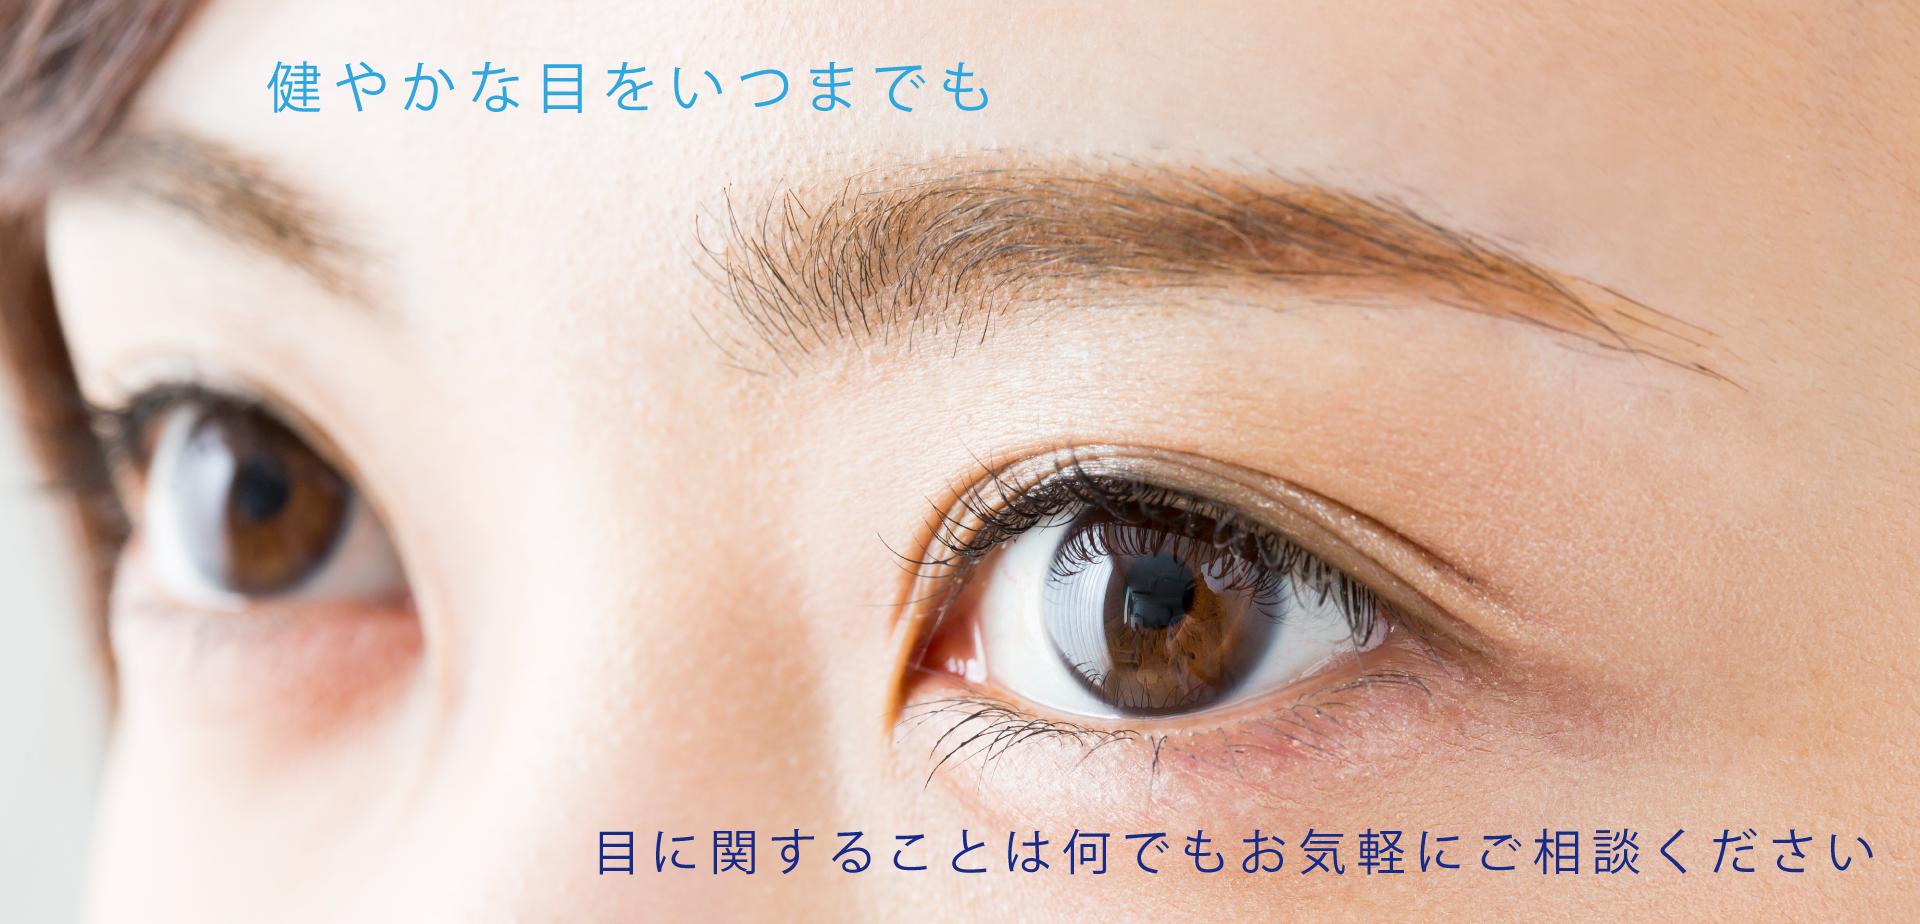 萩市の眼科。森眼科